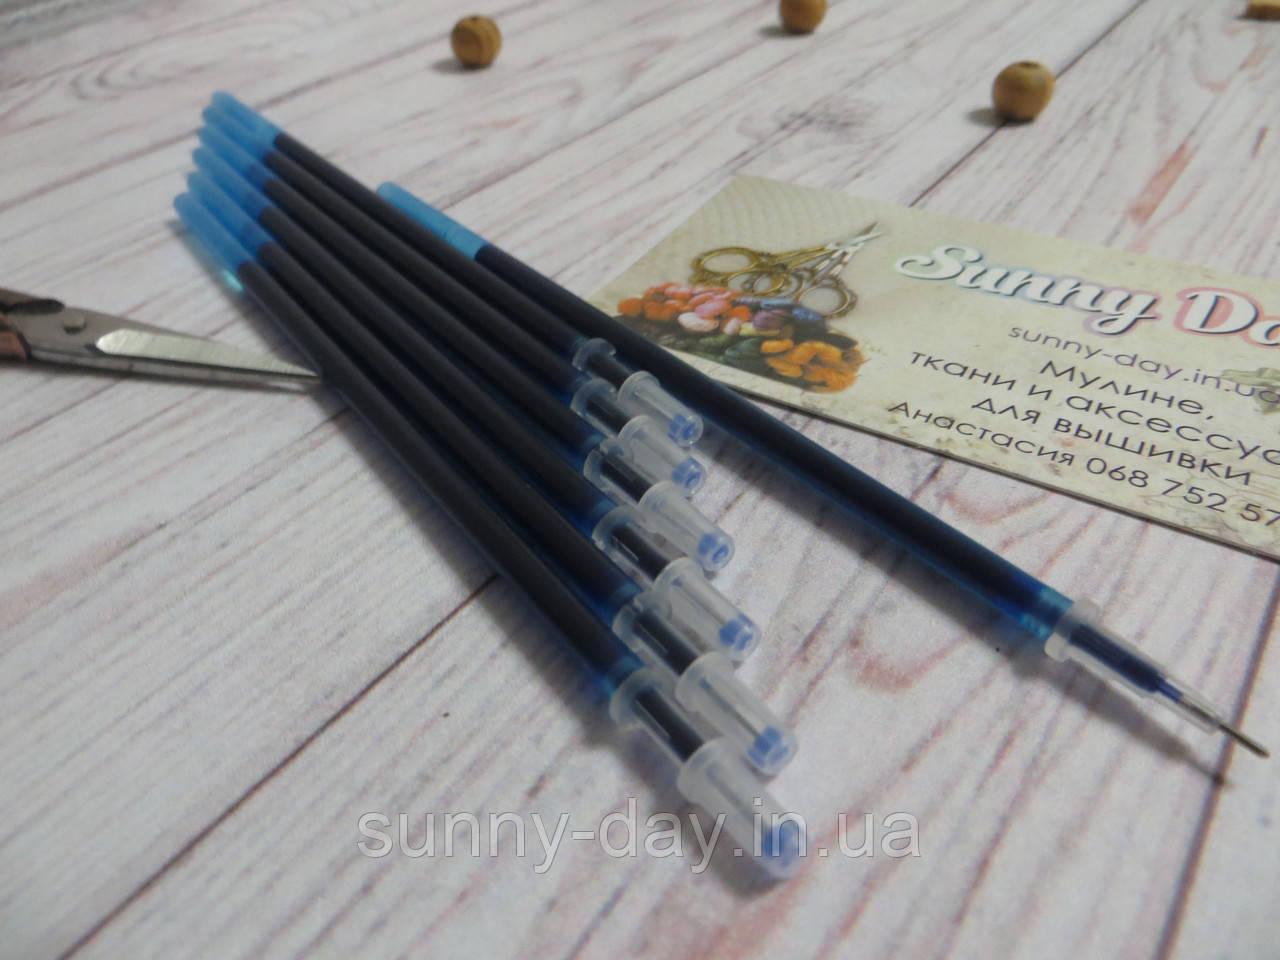 Стержень для разметки канвы голубой, 0,5мм